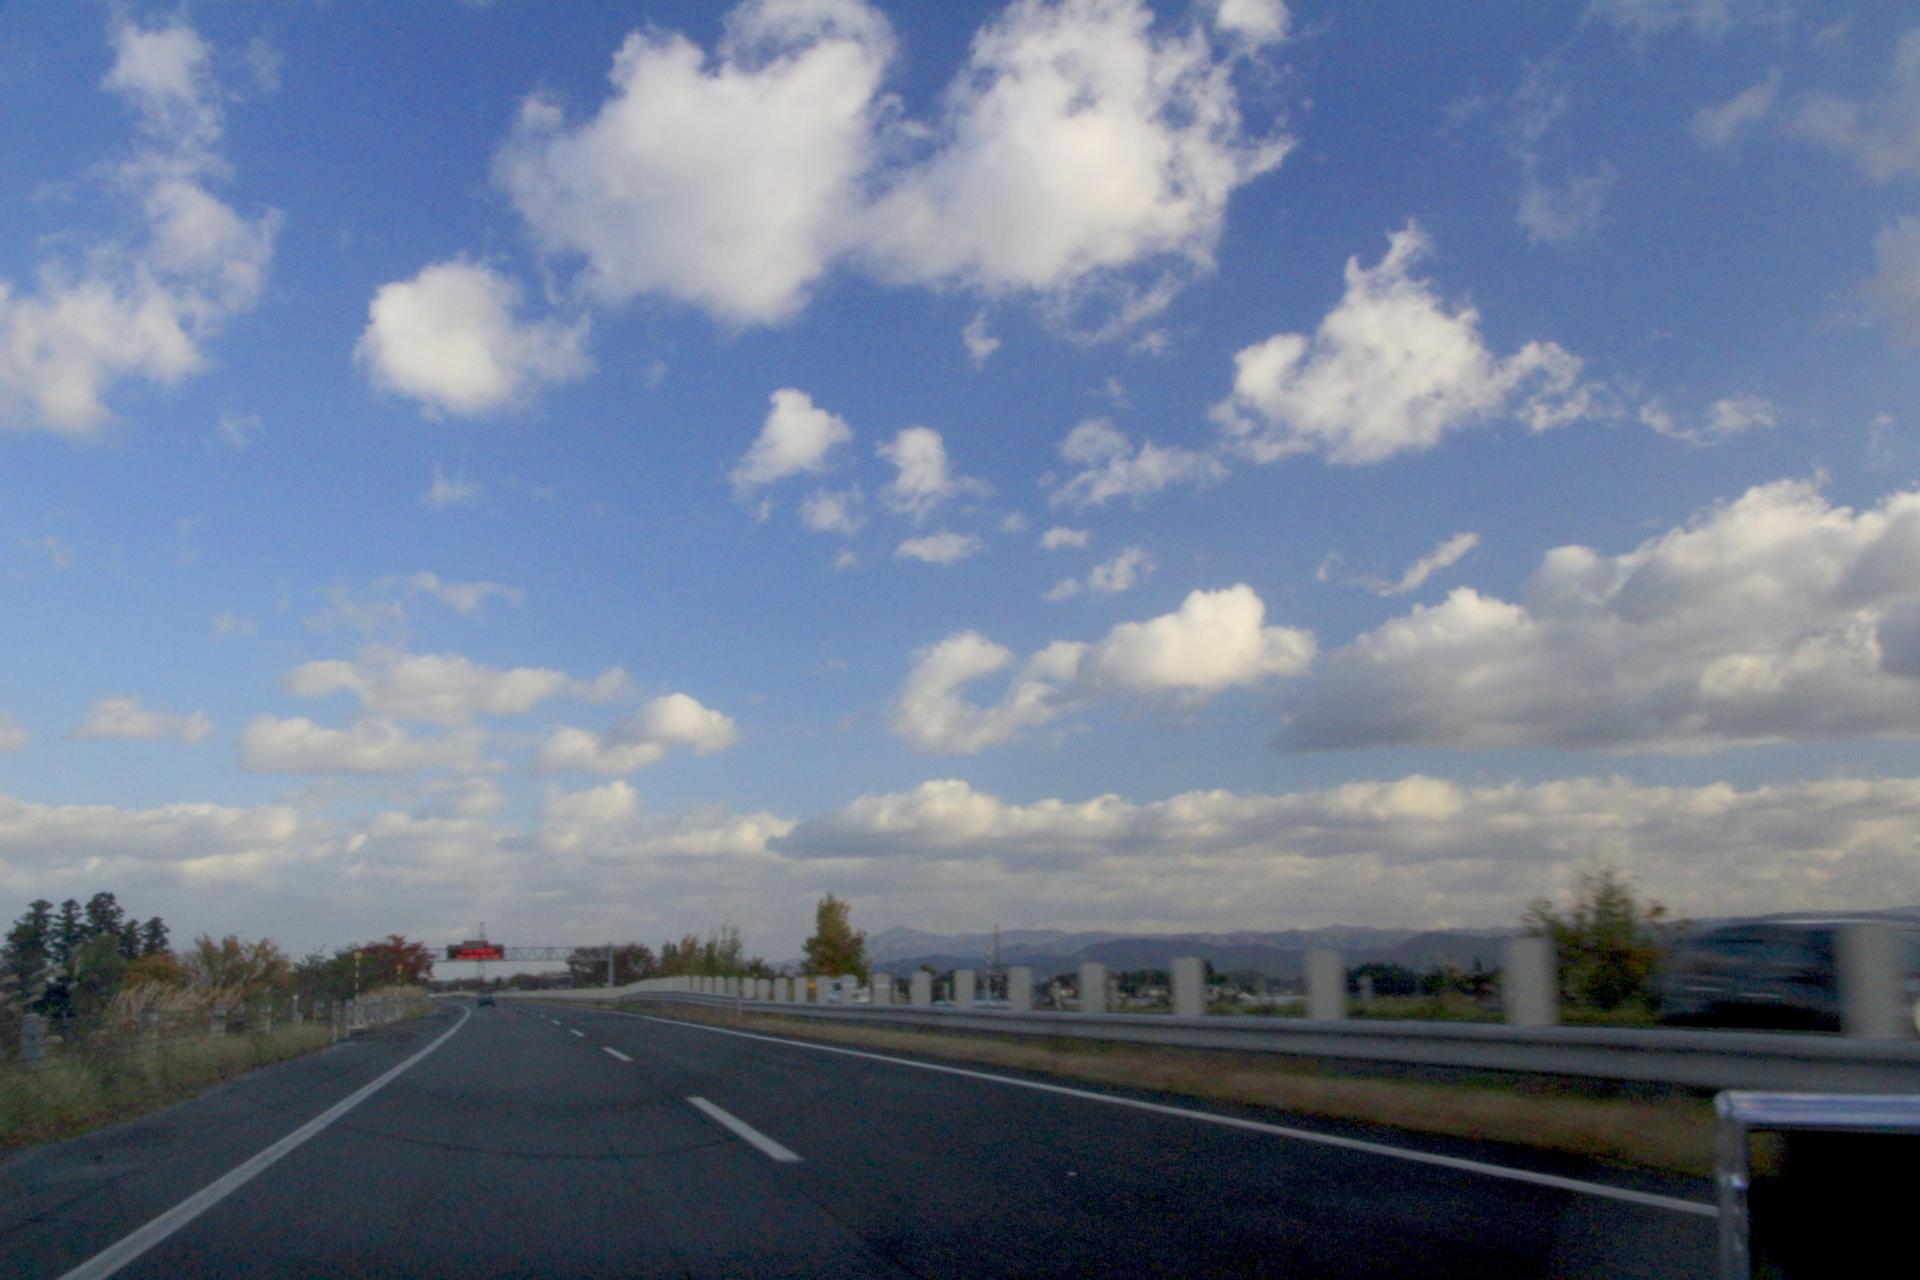 ネクスコ東日本の管轄エリアや料金検索・北海道も含めた道路状況やライブカメラについて